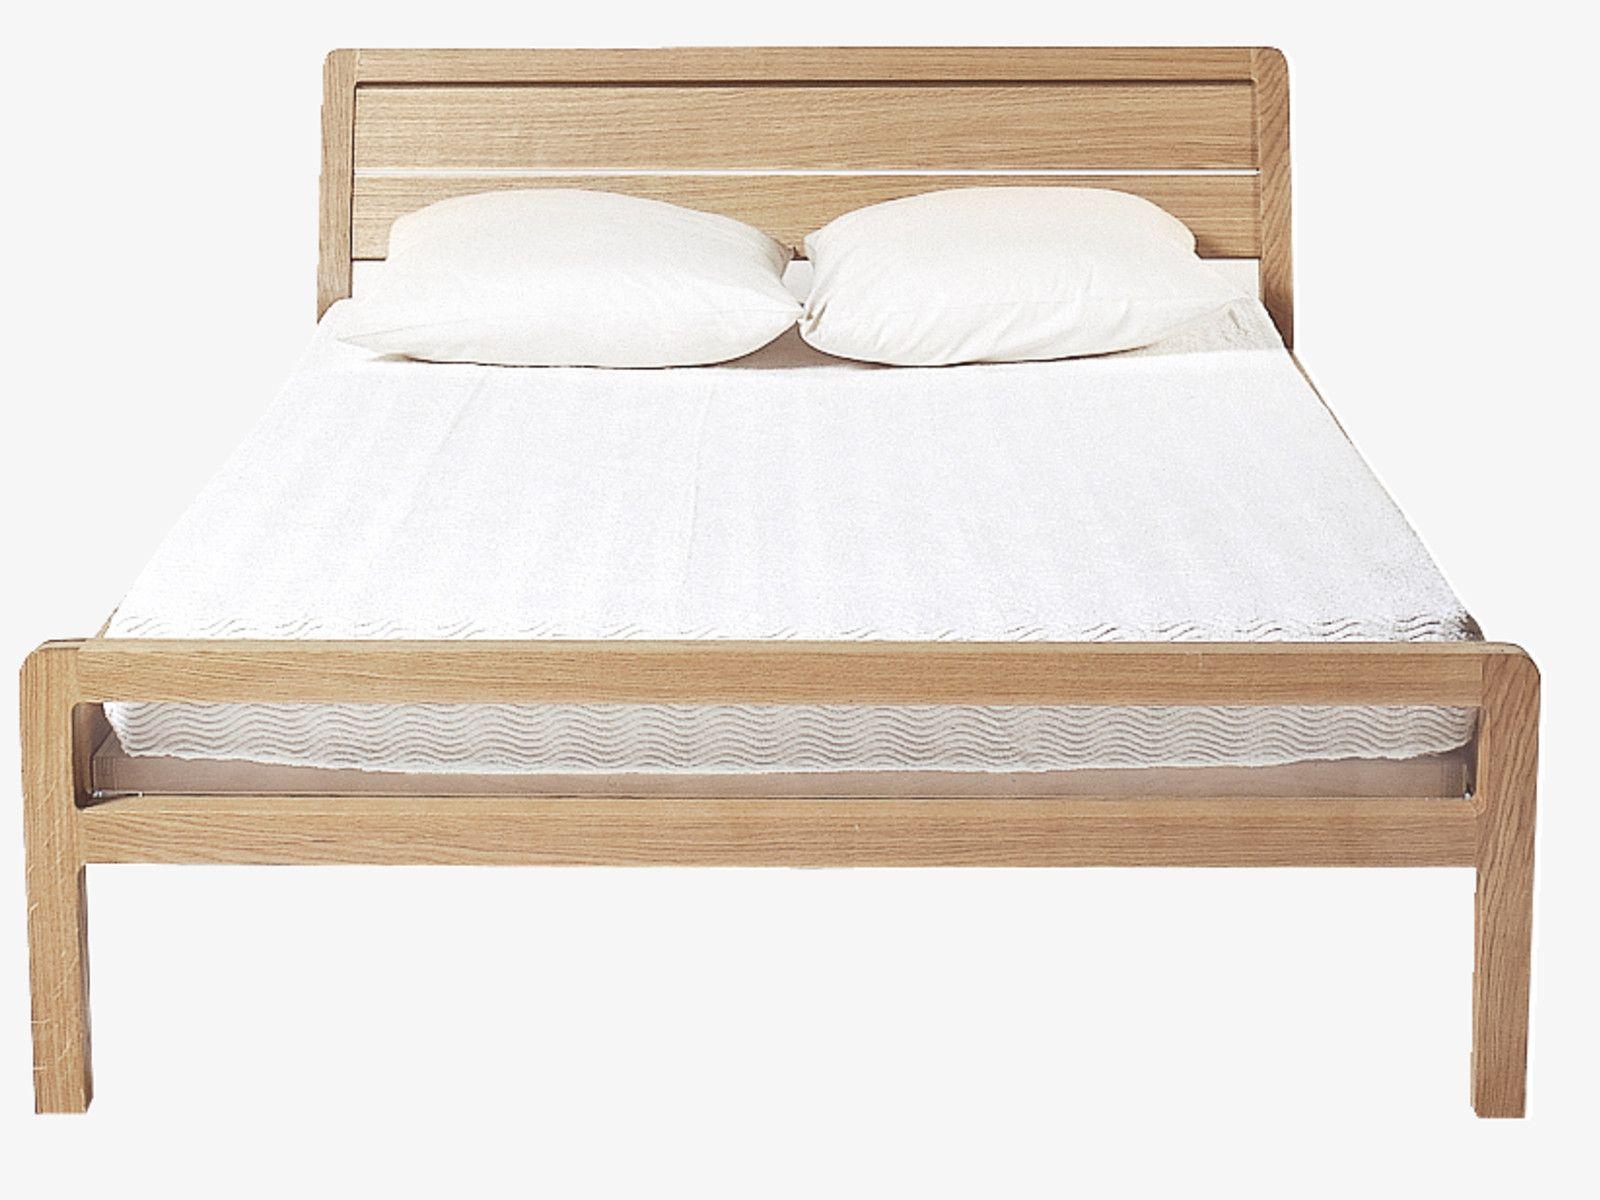 RADUS Holz Doppelbett, groß - Betten und Matratzen - Habitat | For ...